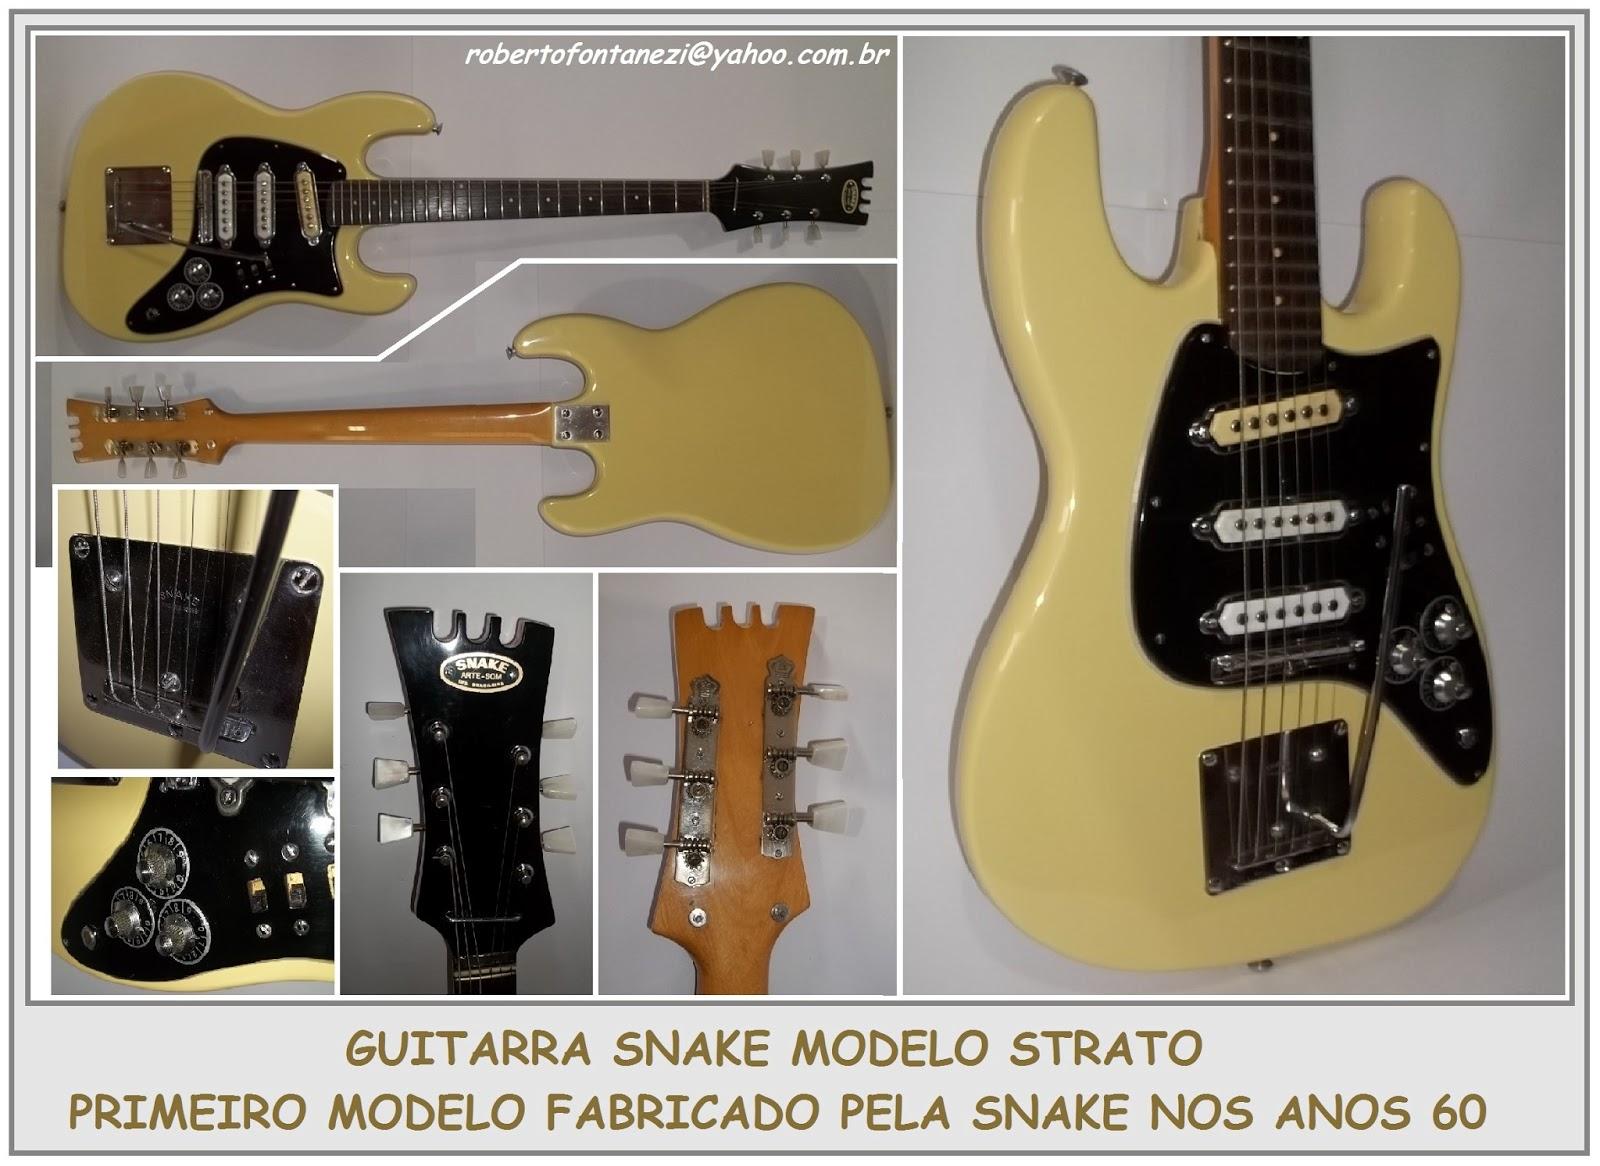 Guitarra Snake modelo Strato - Primeiro modelo fabricado pela Snake